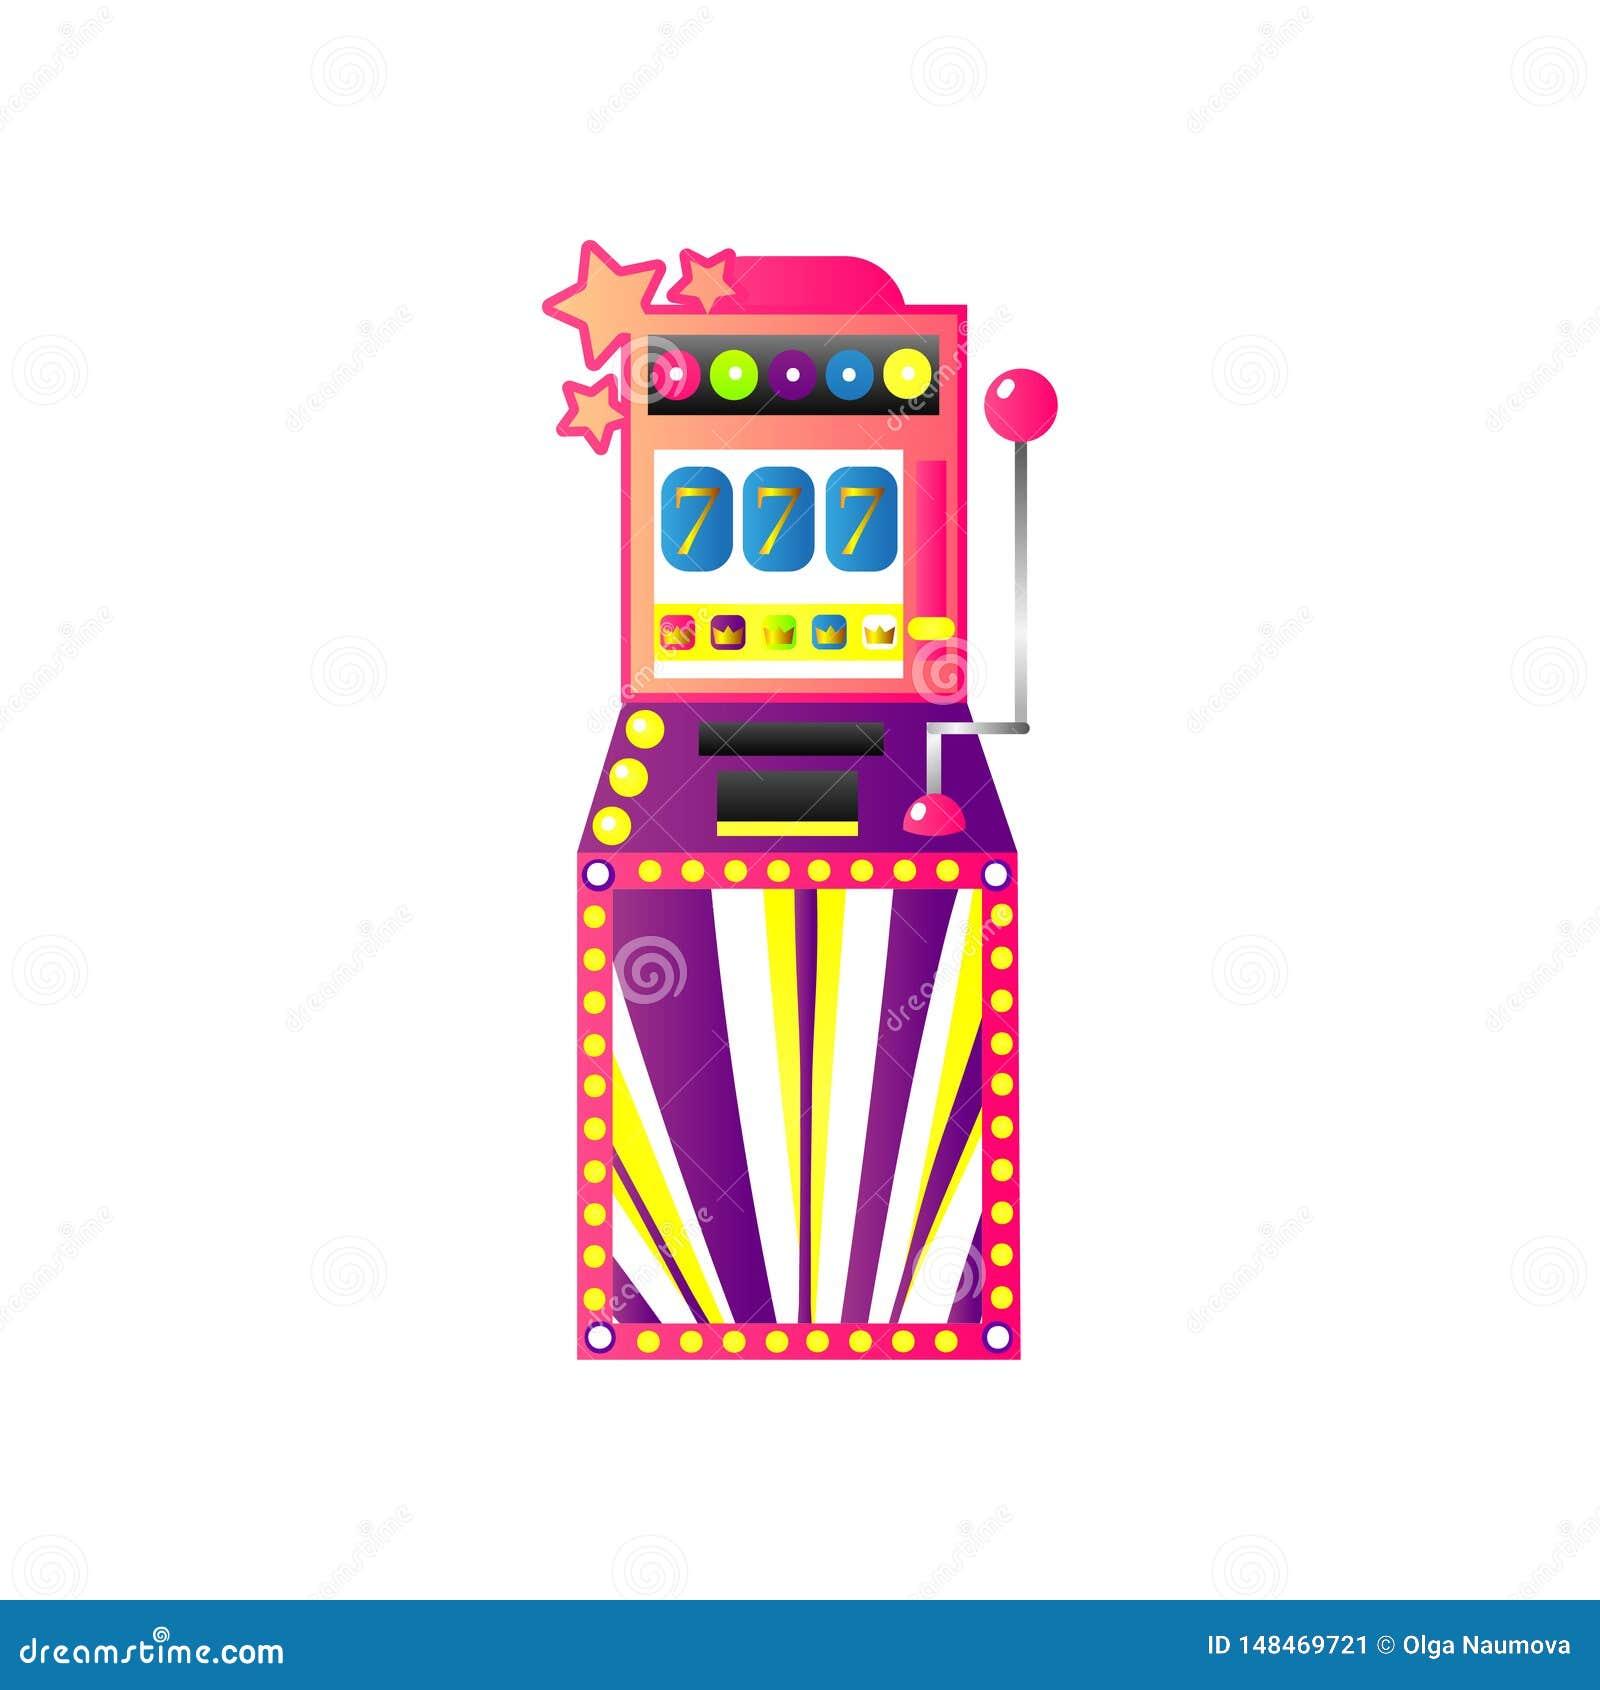 Мега джек игровые автоматы бесплатно